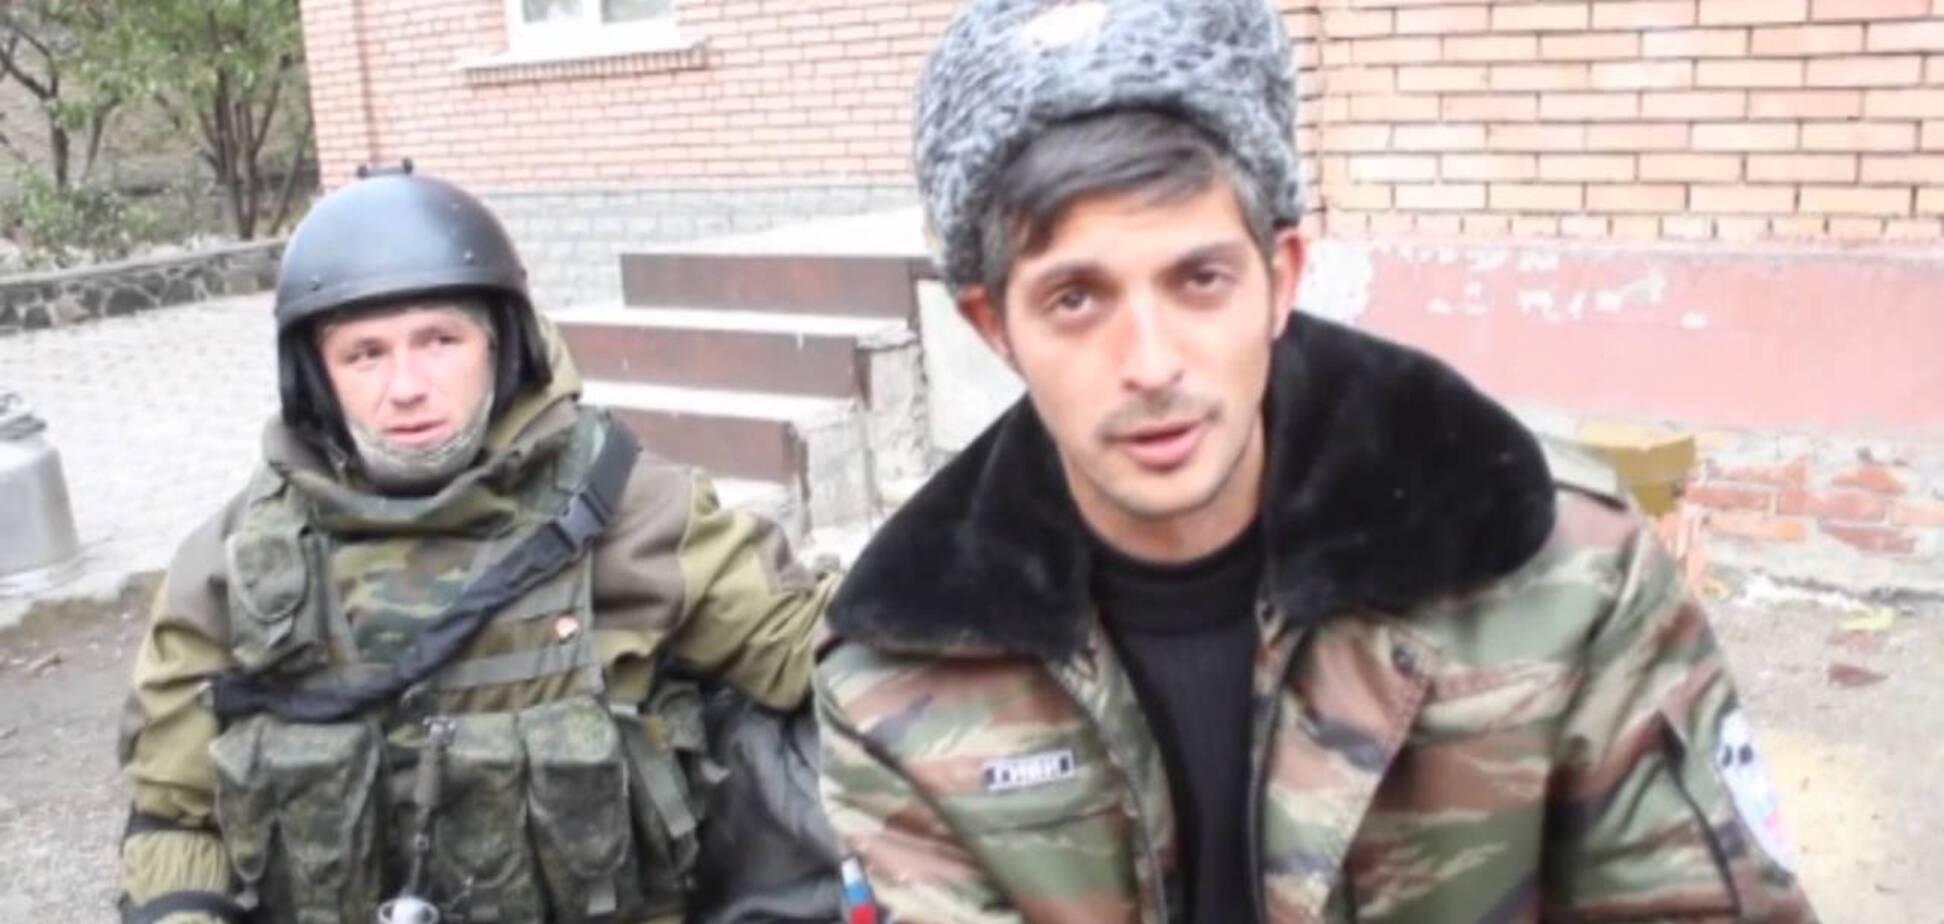 'Як Маяковський': Прилєпін осоромився некрологом терористу Гіві